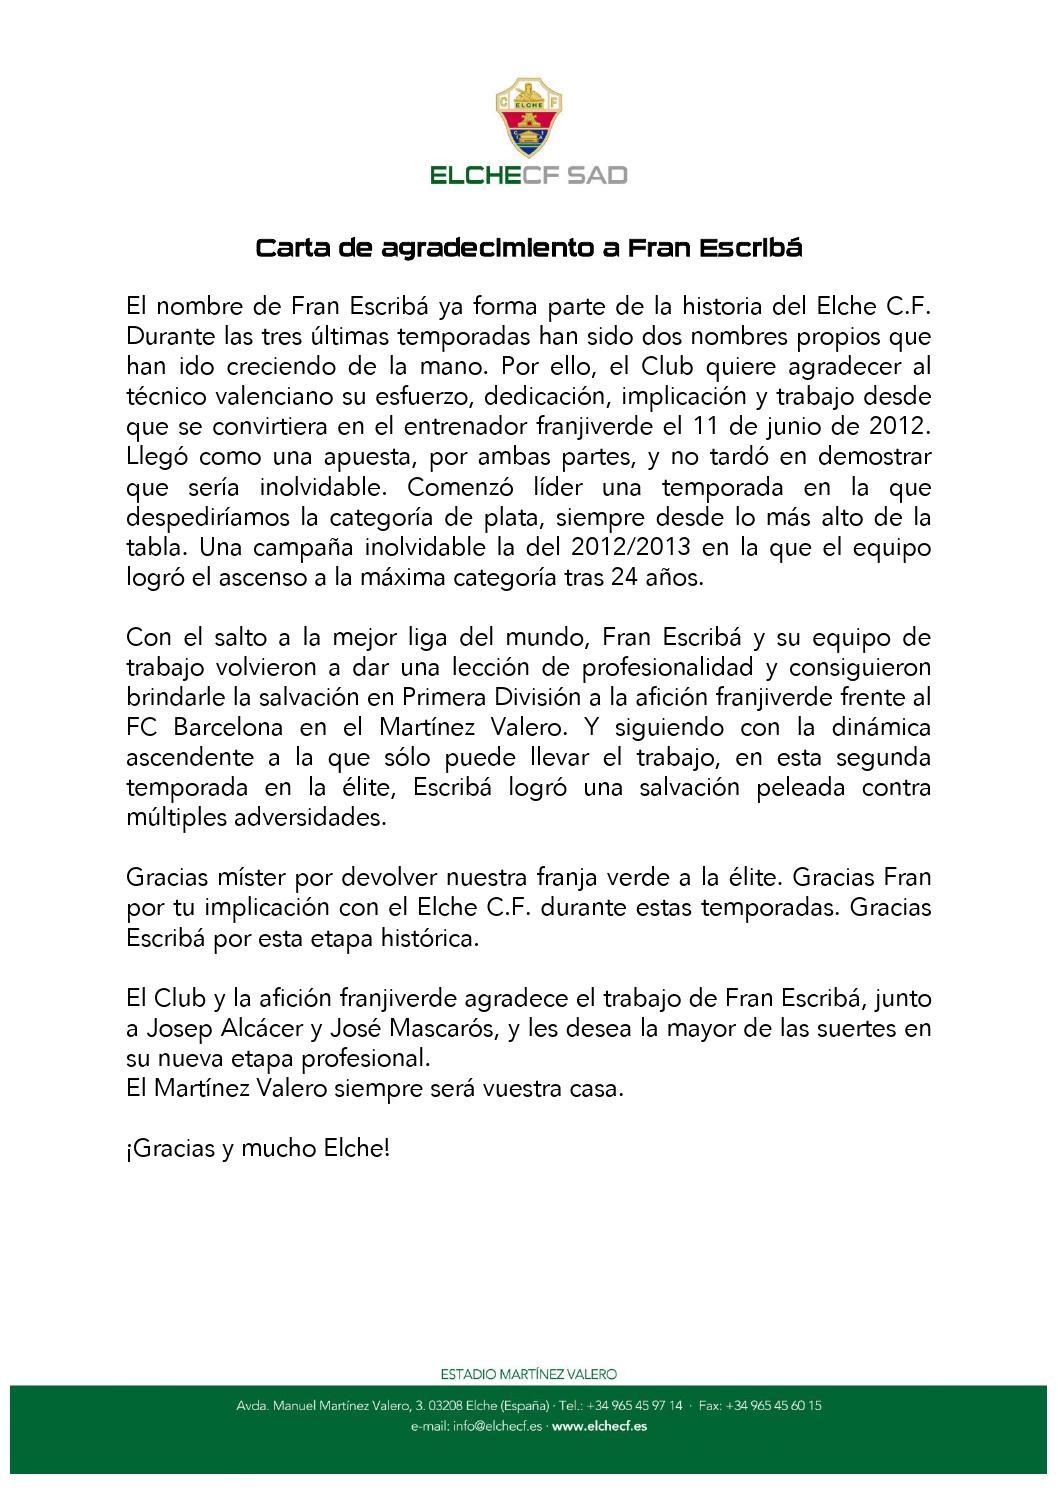 Carta despedida fran escriba by elche departamento for Oficina de empleo elche